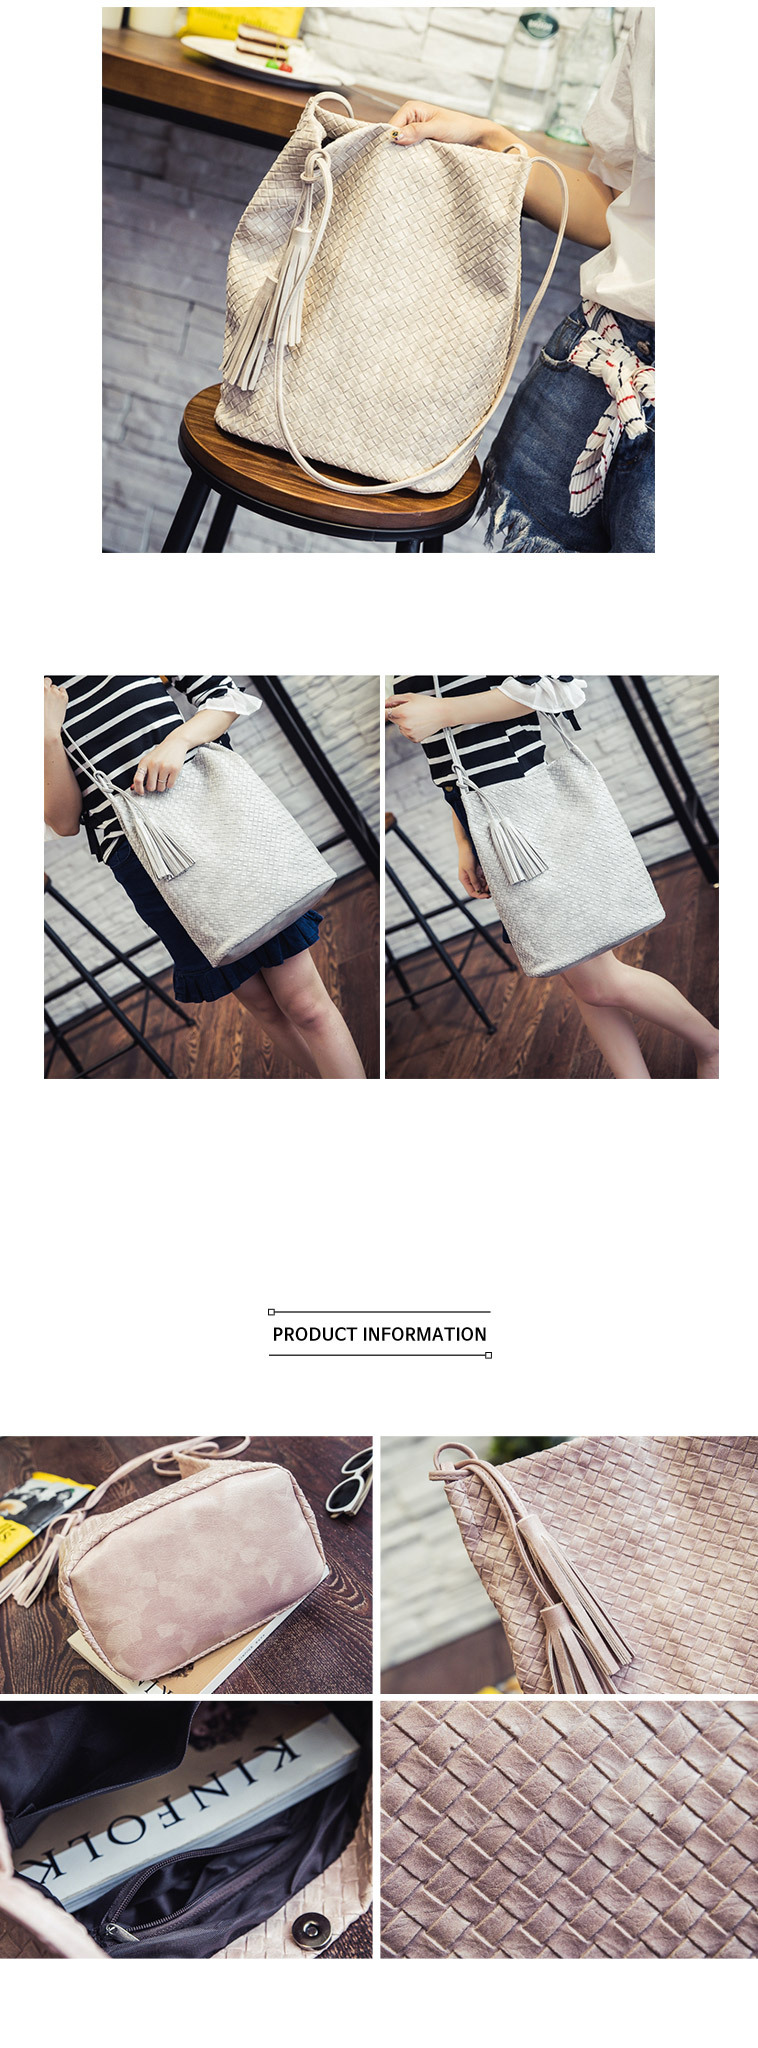 [스타쿠폰] 여성가방/토드백/봄신상 - 상세정보